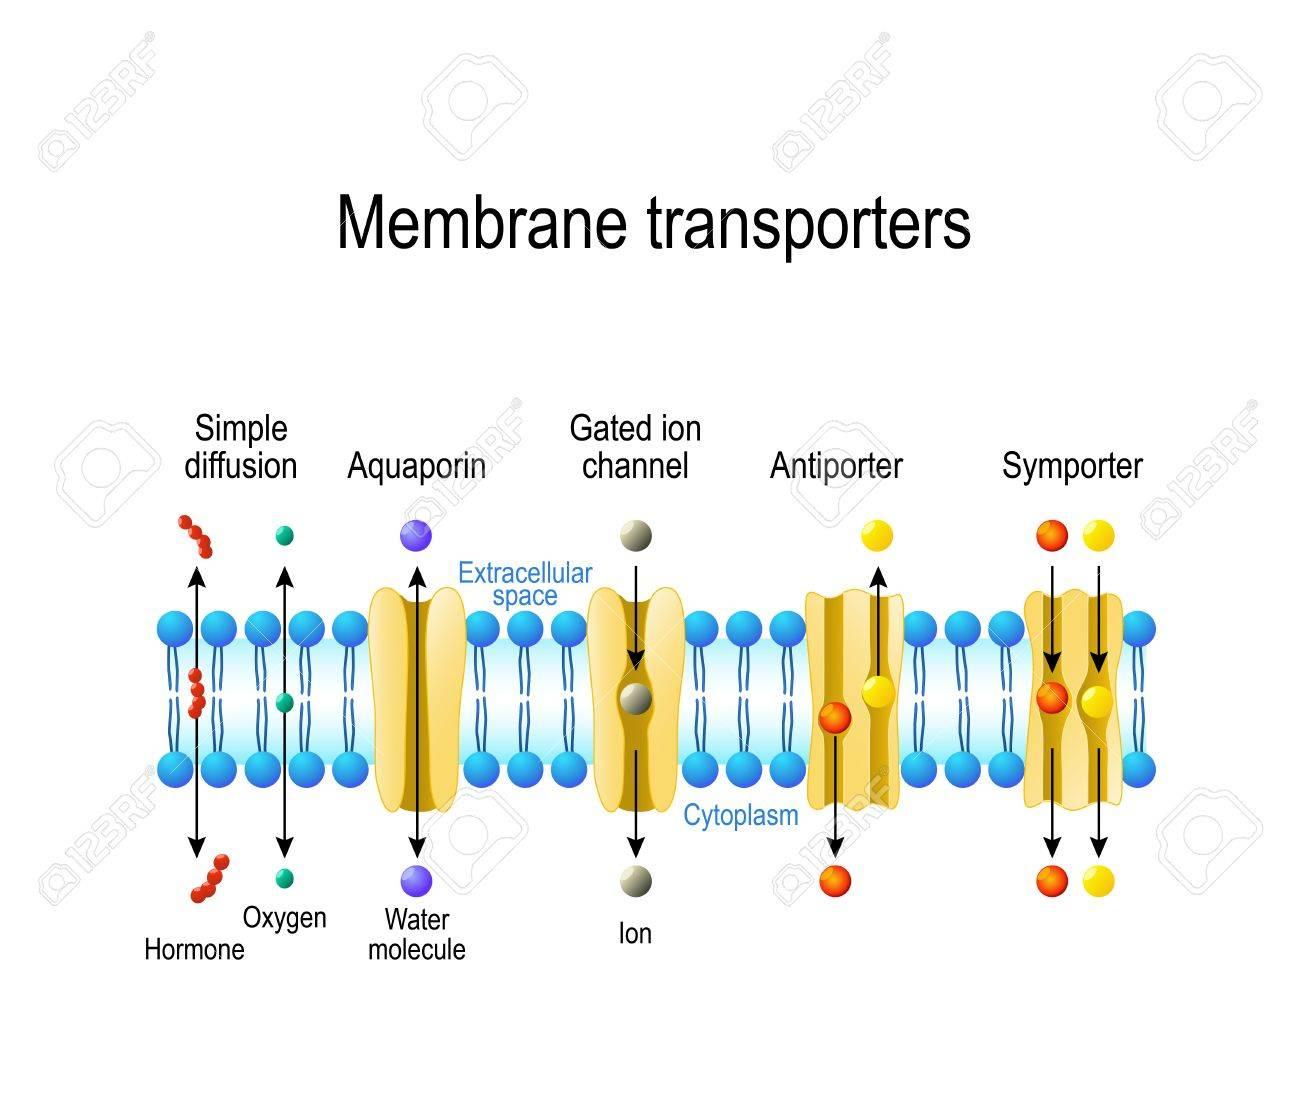 Mecanismos Para El Transporte De Iones Y Moléculas A Través De Las Membranas Celulares Tipos De Un Canal En La Membrana Celular Difusión Simple